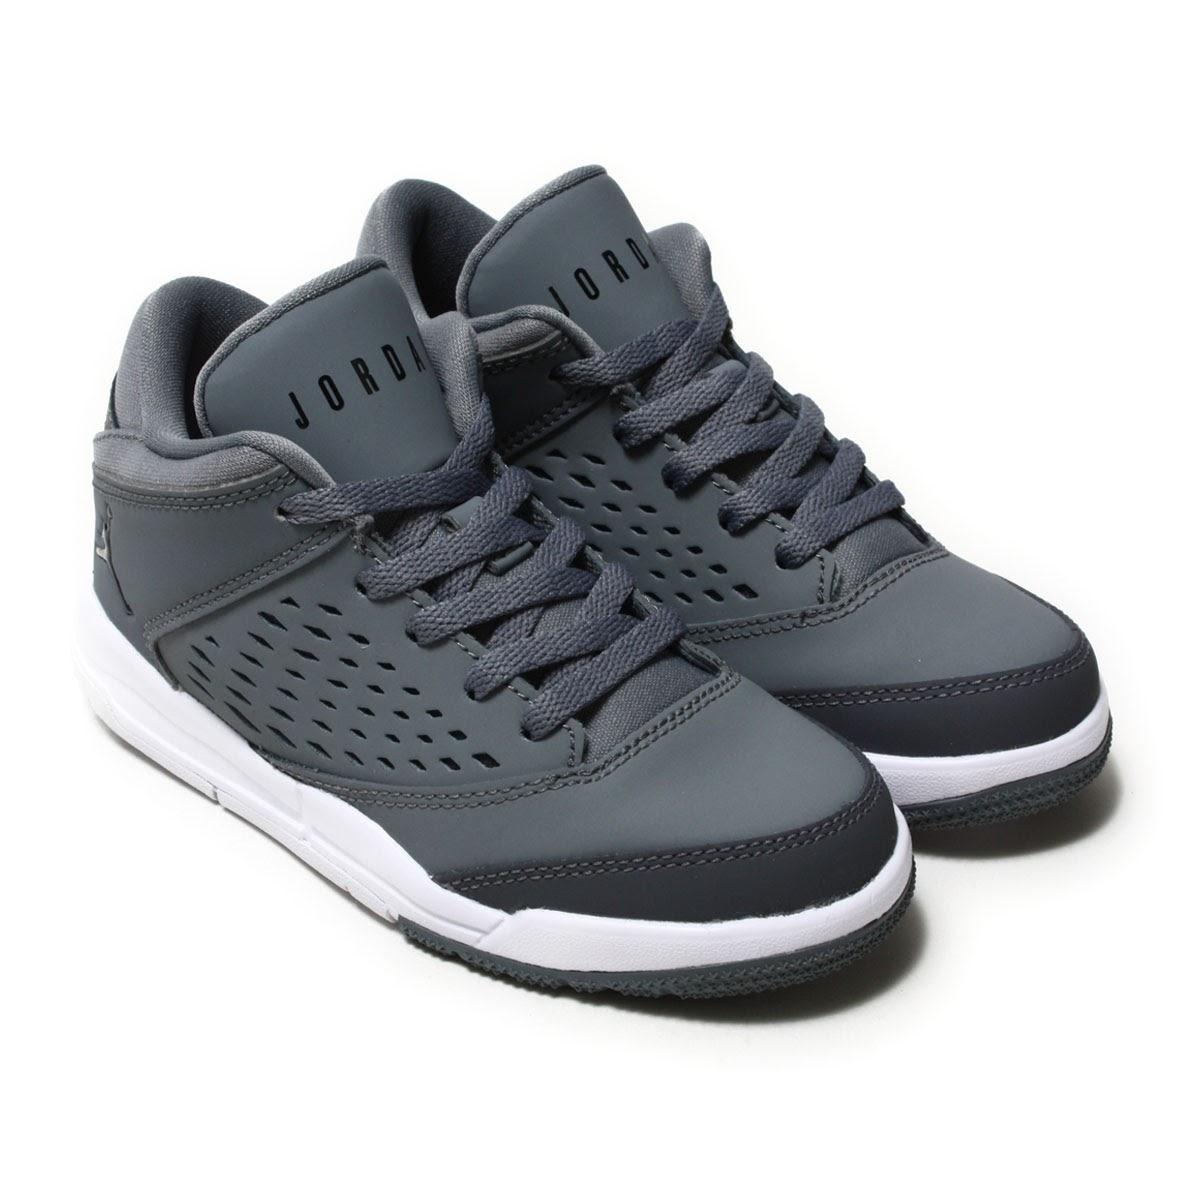 ba1e3ba7981 NIKE JORDAN FLIGHT ORIGIN 4 BP (Nike Jordan flight origin 4 BP) COOL GREY  ...